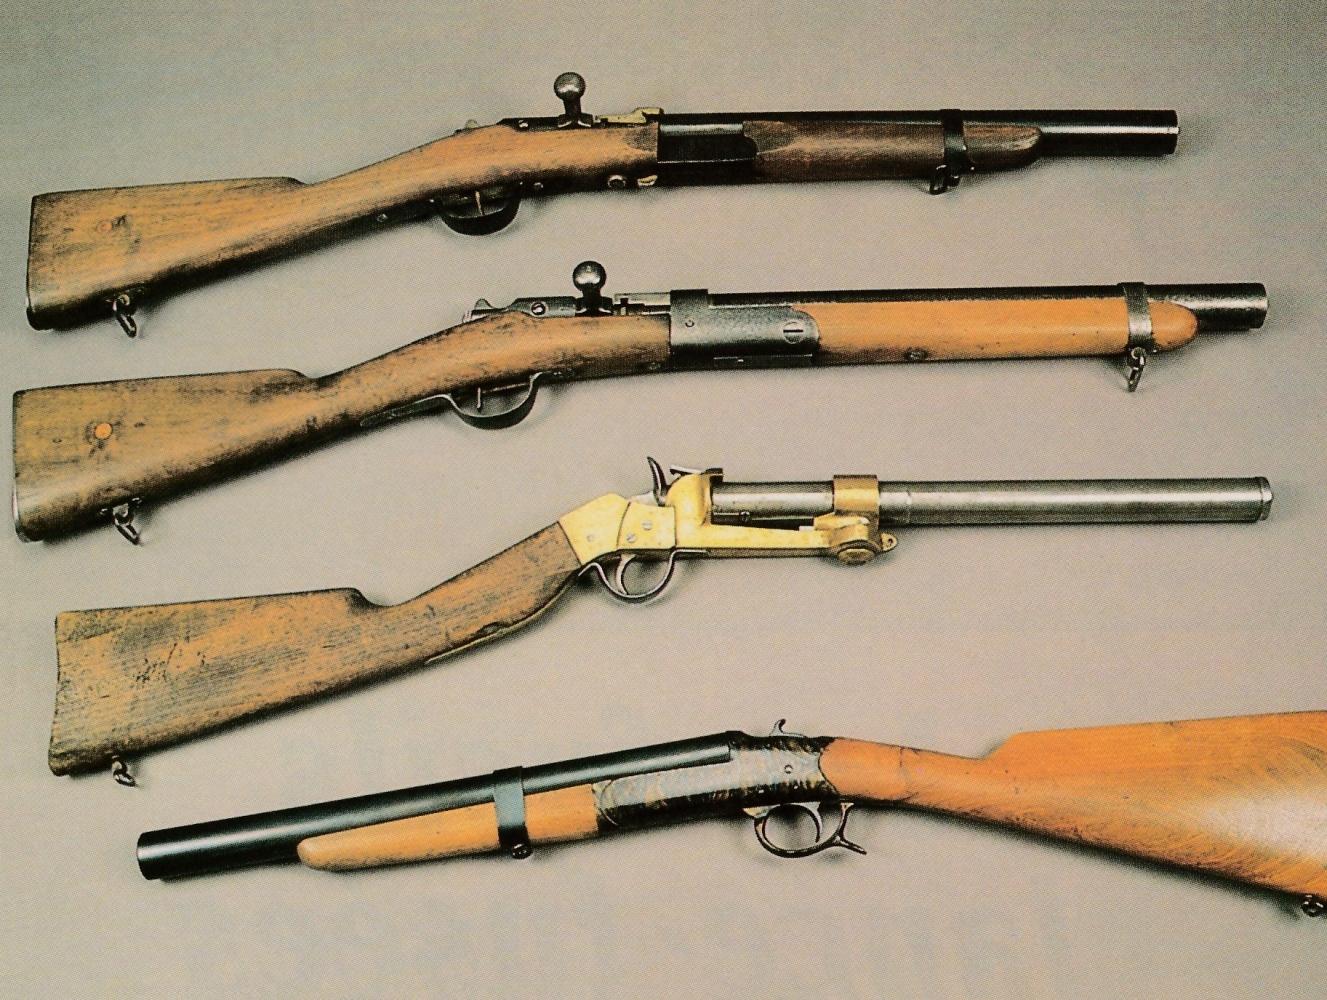 """Différents modèles de fusils lance-fusées de calibre 25 mm, de haut en bas : fusil Gras, transformation anonyme ; fusil Gras transformé par la maison Chobert ; modèle à canon pivotant fabriqué par l'entreprise Mathiot ; modèle de type """"Simplex"""" construit sur la base d'un fusil de chasse mono-coup."""